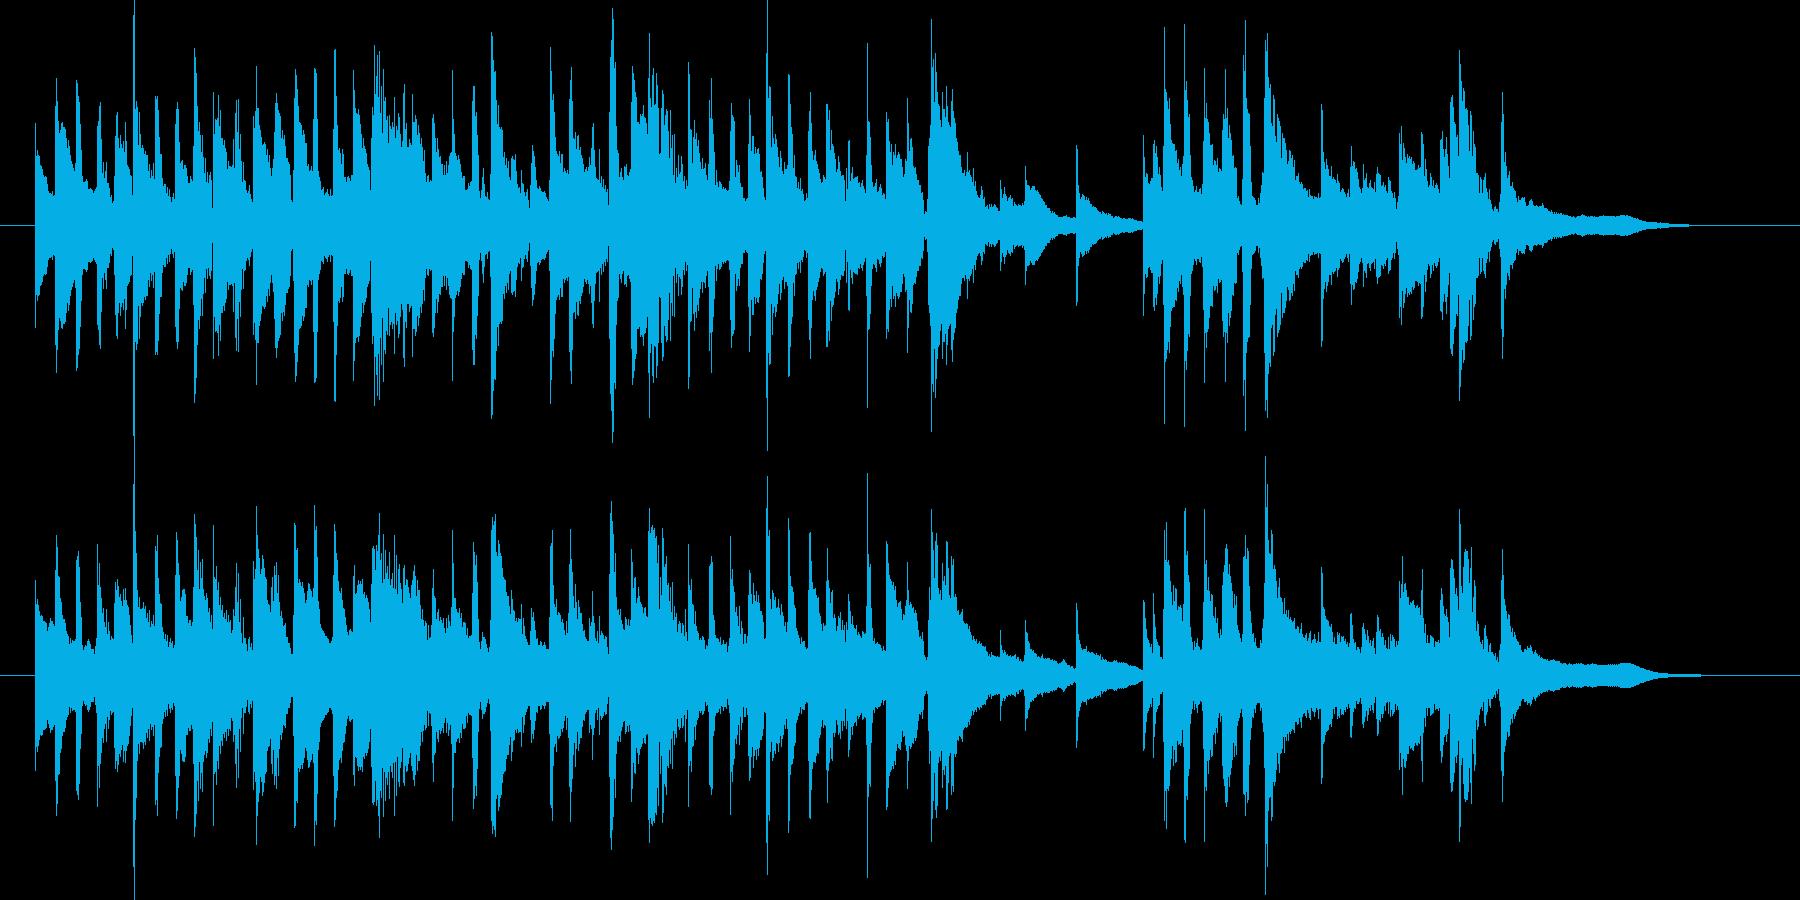 お茶コーヒーCM 穏やかギター 曲B33の再生済みの波形